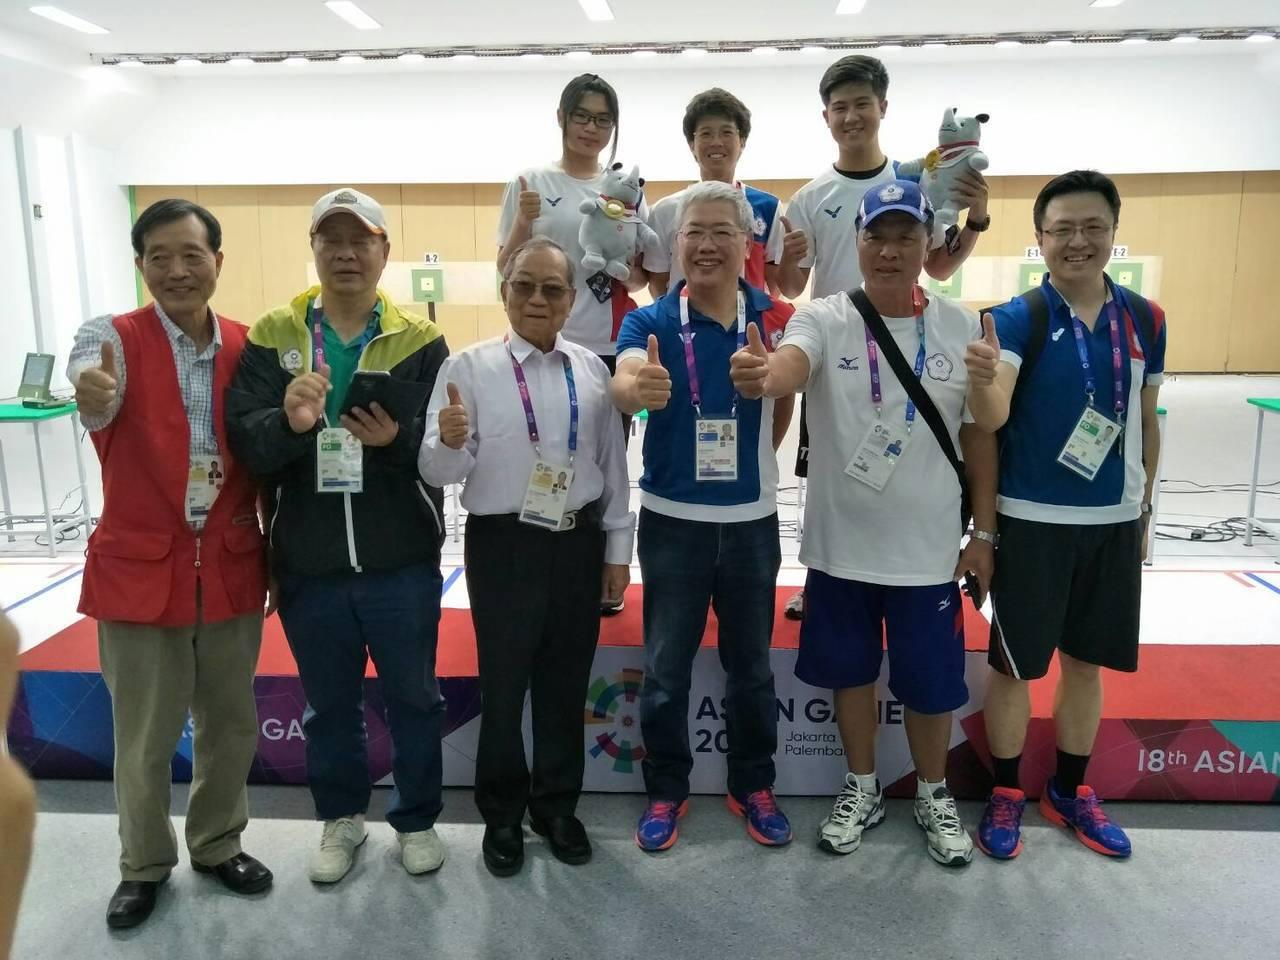 呂紹全(後右)、林穎欣(後左)奪得亞運10m空氣手槍金牌,代表團人員一起慶祝。 ...